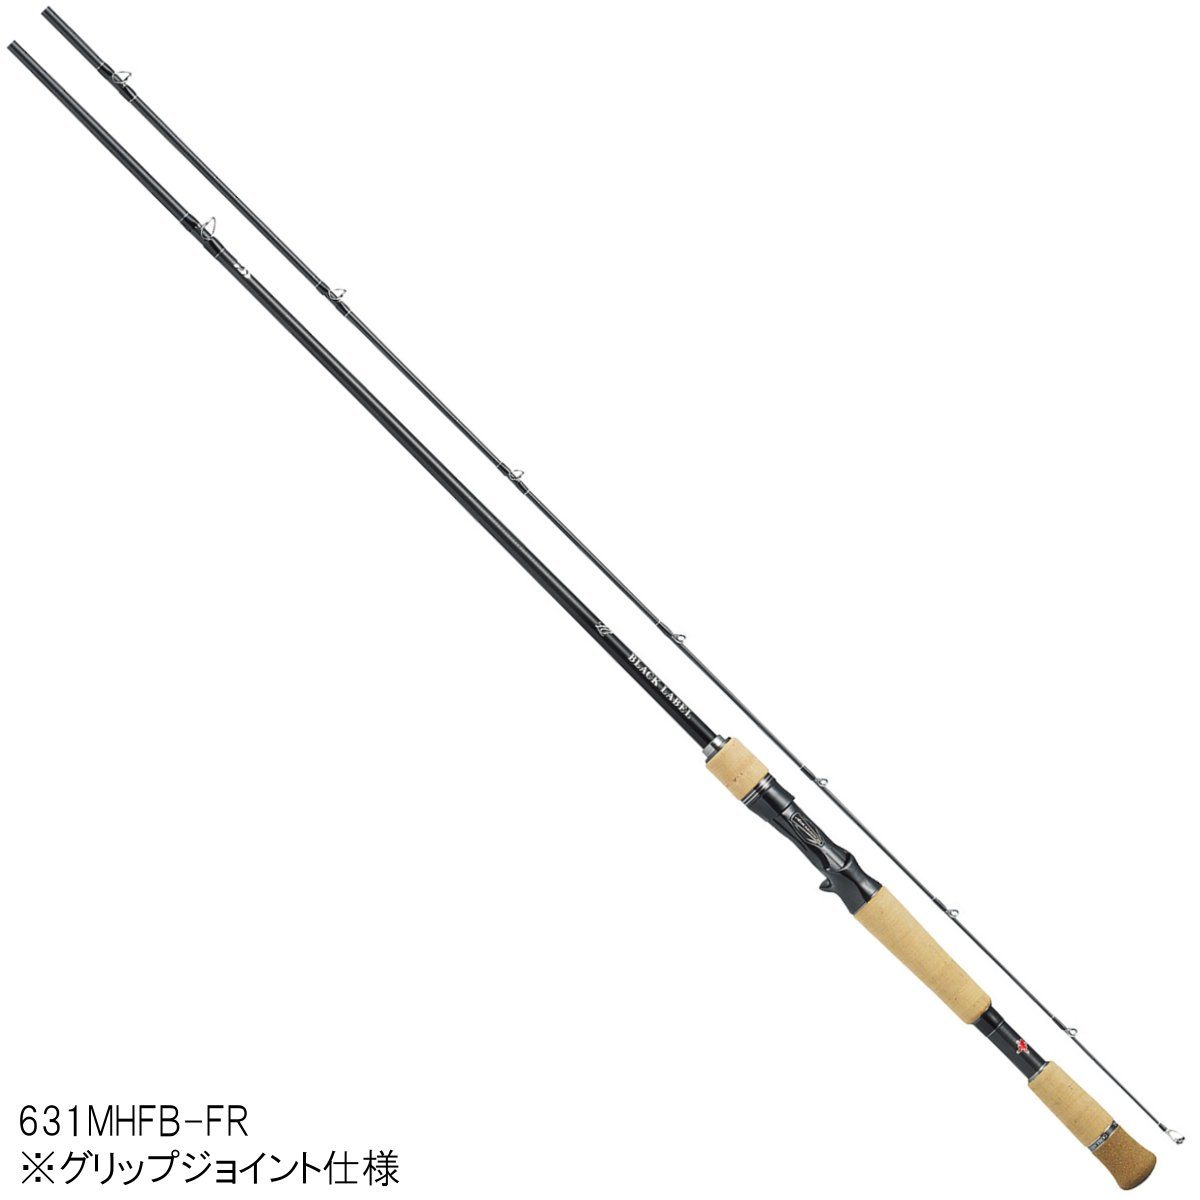 ダイワ ブラックレーベル LG(ベイトキャスティングモデル) 631MHFB-FR【大型商品】